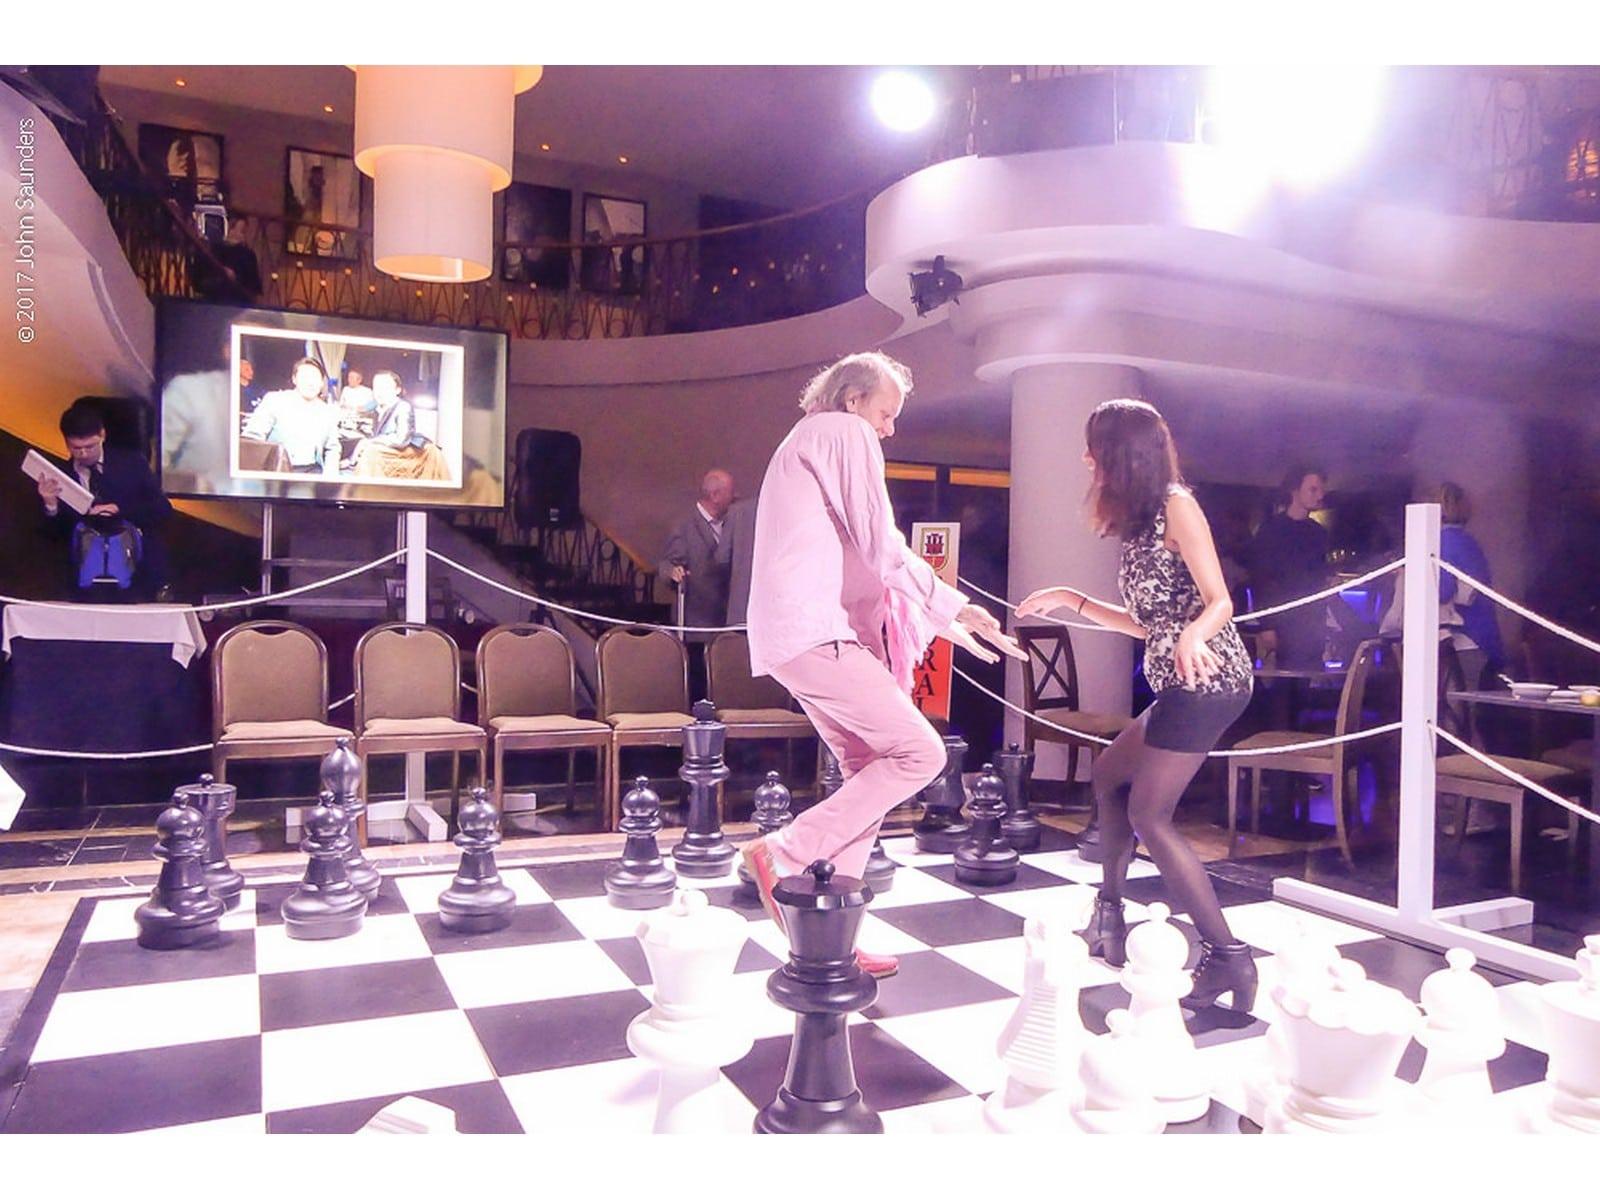 actividades-paralelas-al-open-de-ajedrez-de-gibraltar_31880160983_o